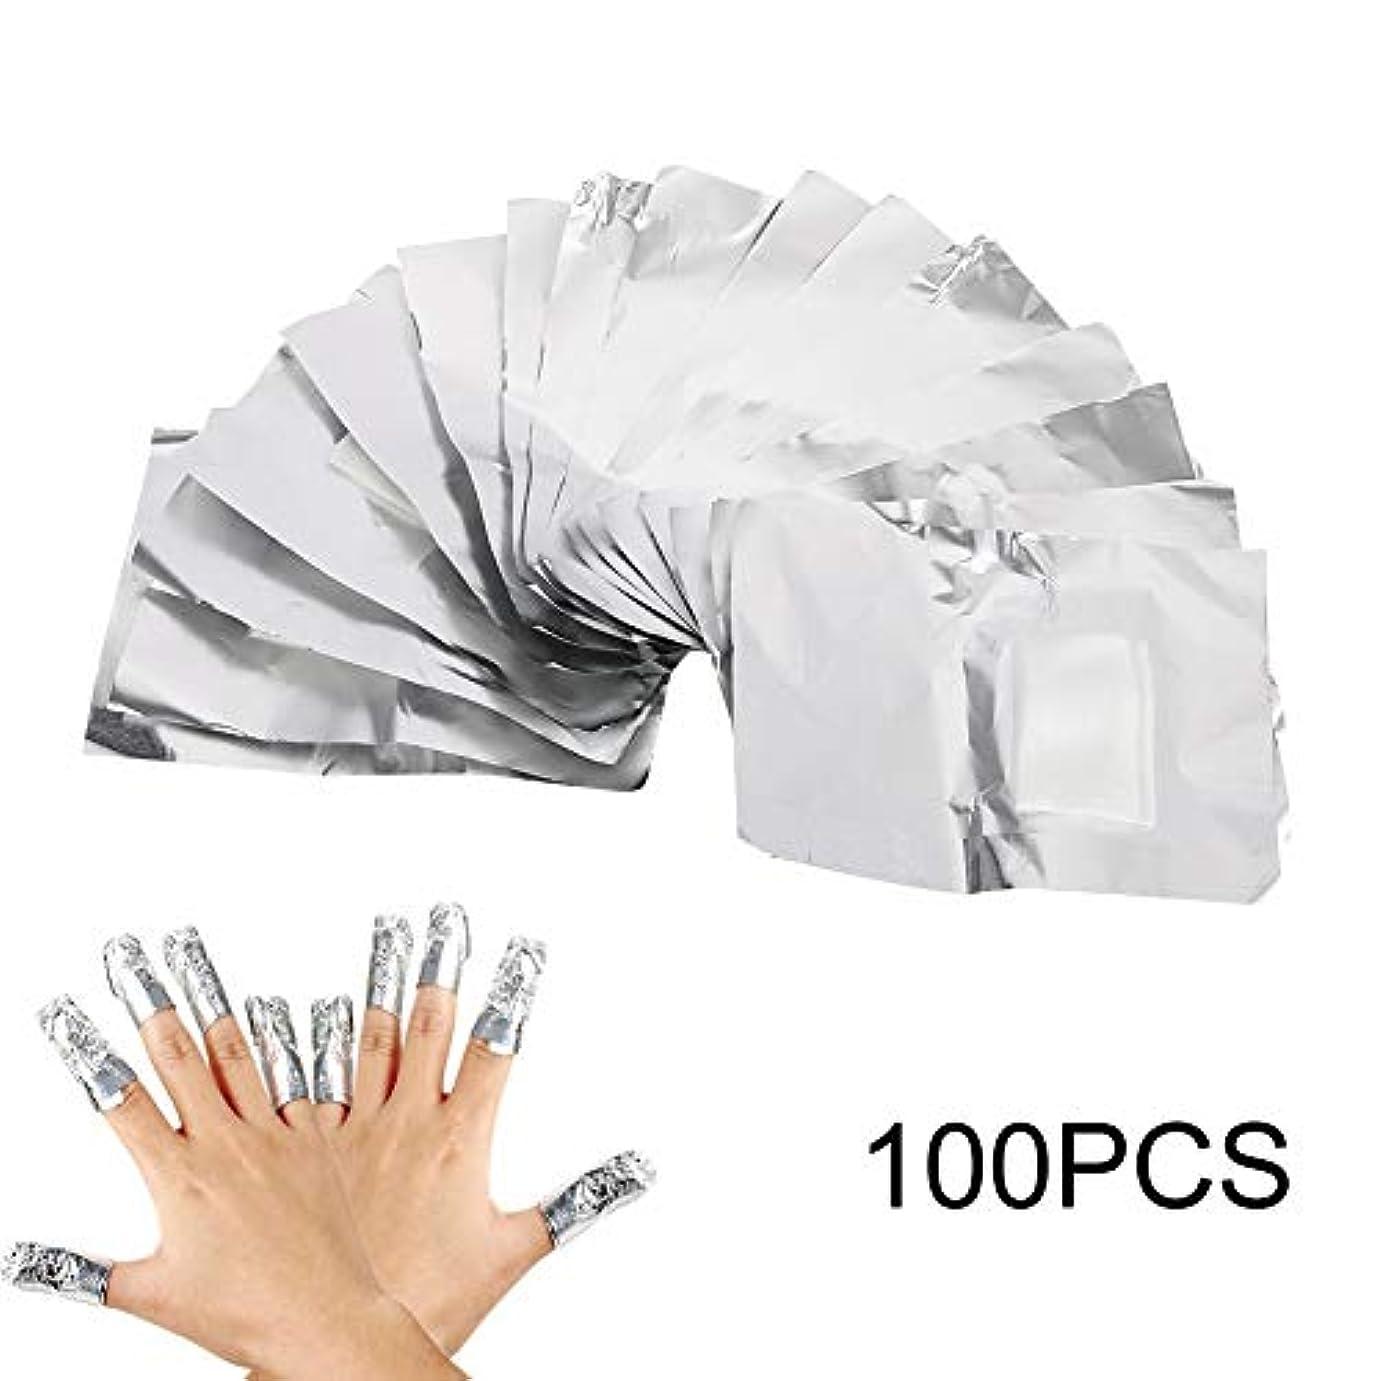 ネイル除去ホイルラップ 100ピース プロアルミホイルジェルポリッシュ除去ネイルアートリムーバーソークオフジェルラップ